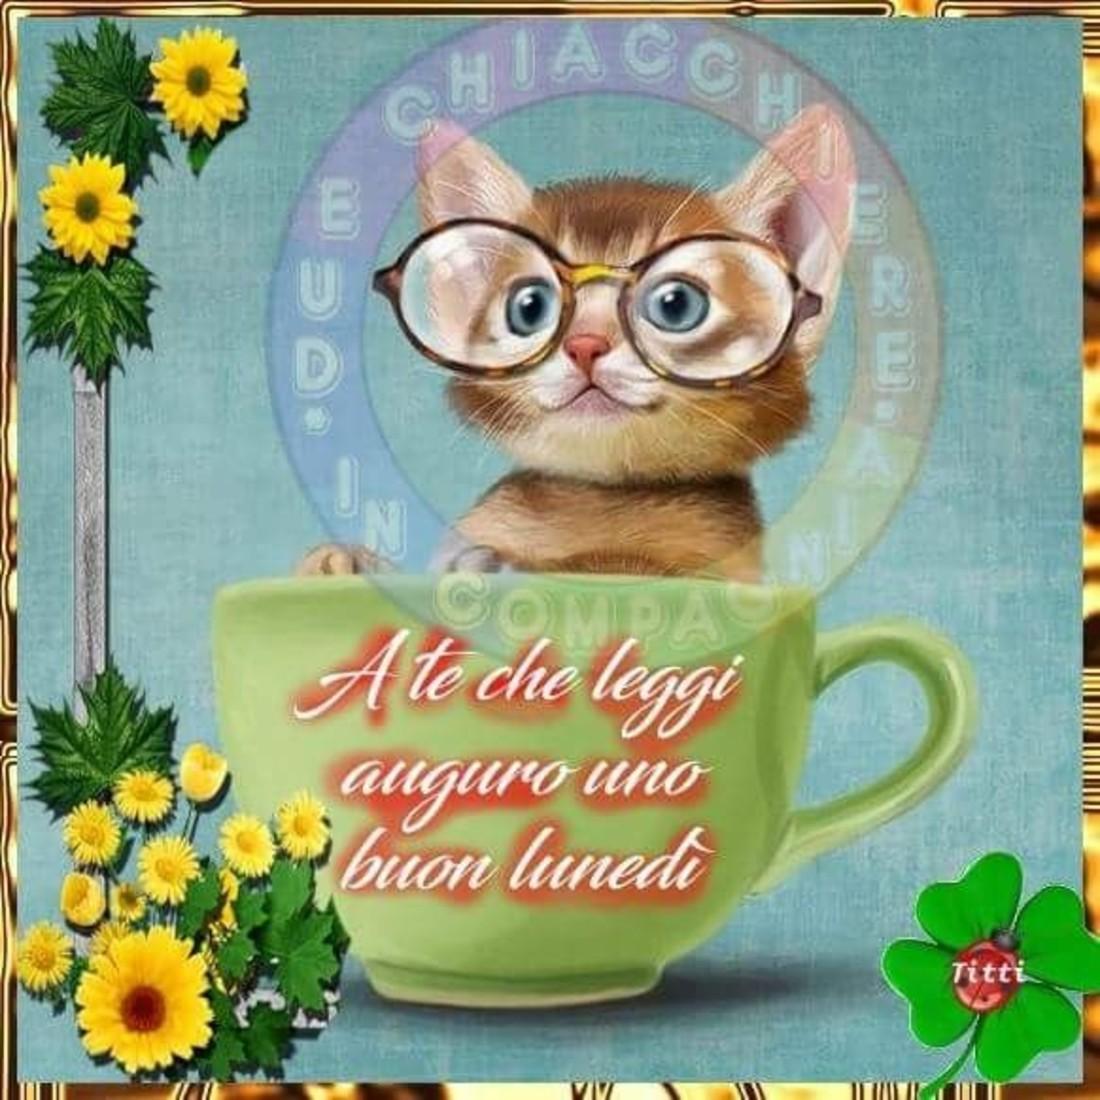 Immagini Buon Lunedi Con Gattini 1 Buongiornocolsorrisoit